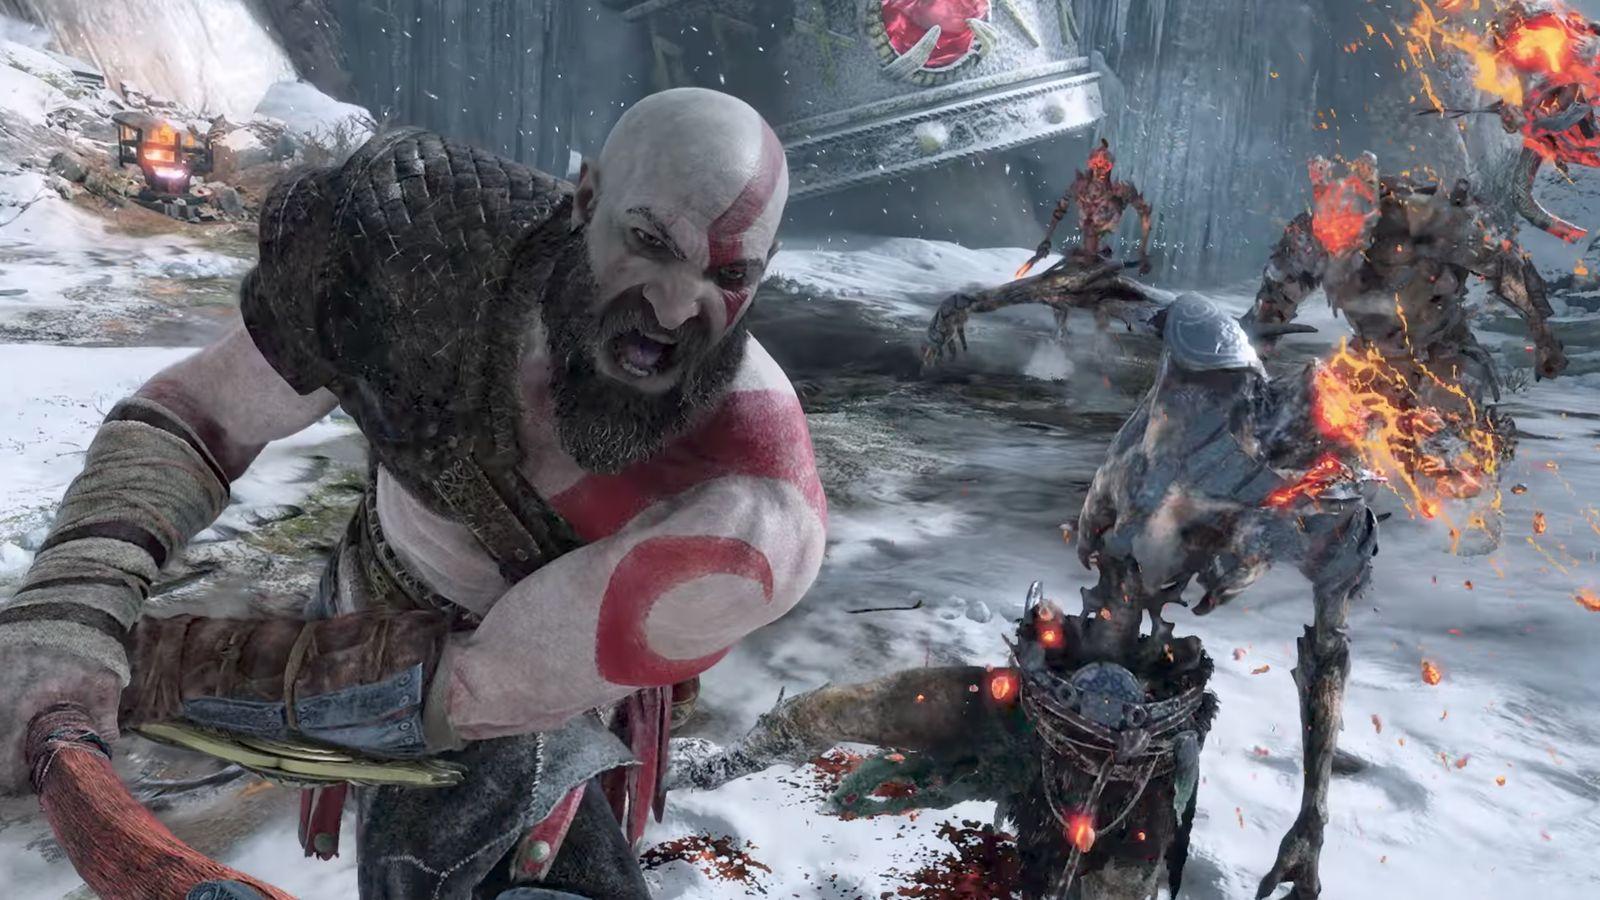 Los Mejores 5 Juegos De Playstation 4 En 2018 Onlygames